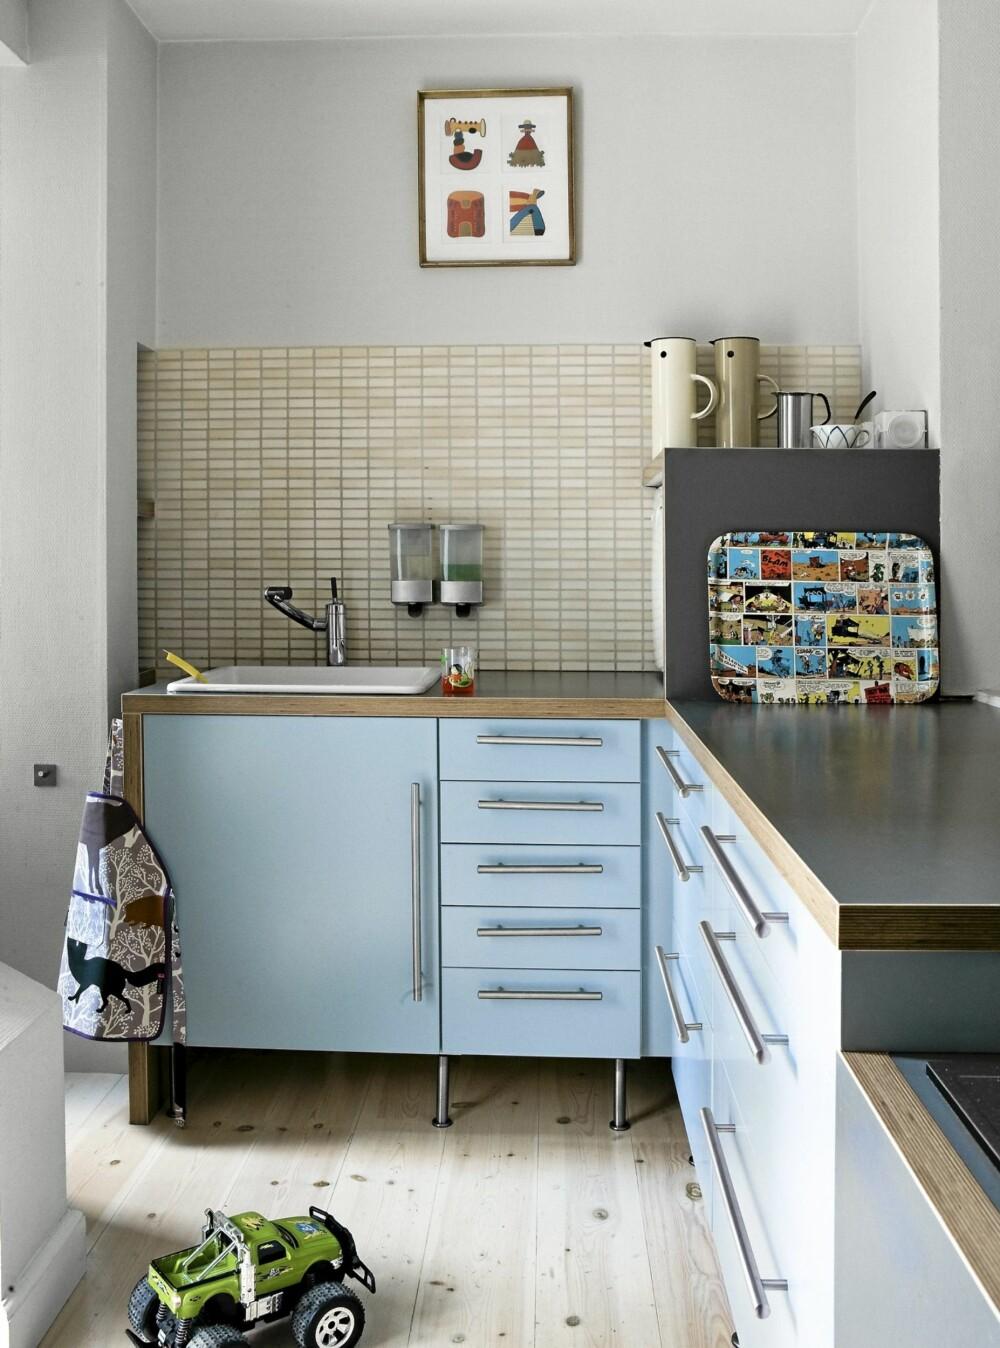 kJØKKEN: Kjøkkenet  fra Ikea ble spesialtilpasset av en møbelsnekker. Den grå kassen på kjøkkenbenken er en innebygd oppvaskmaskin. Serveringsbrettet er kledd med Lucky Luke-tegneserier og lakkert med gulvlakk.